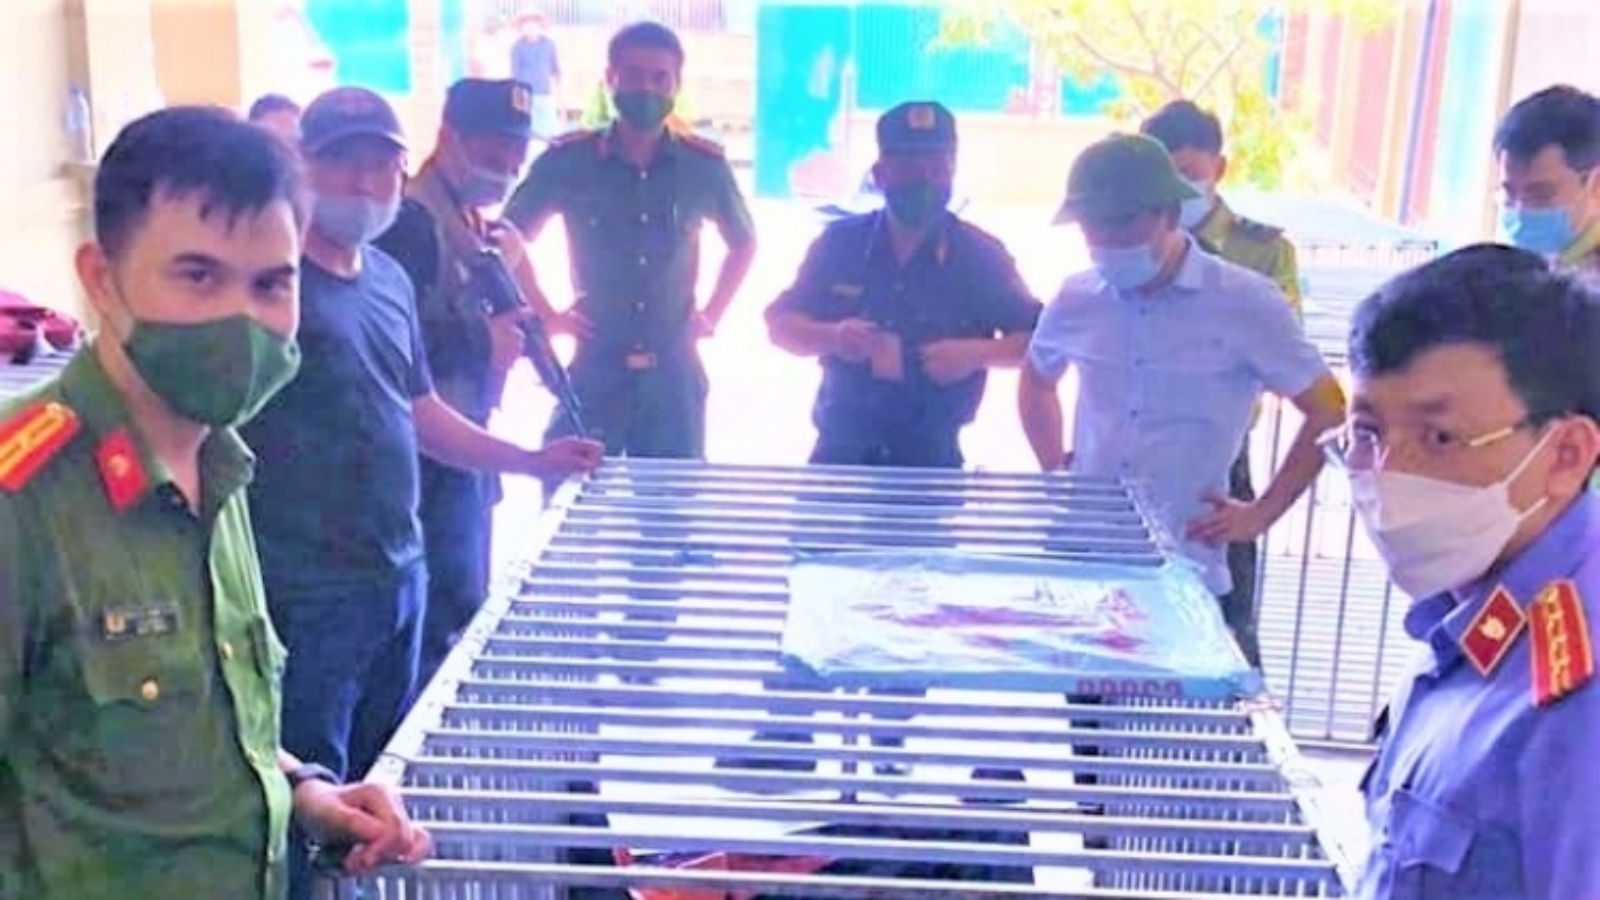 17 con hổ nuôi nhốt trái phép trong nhà dân: Khởi tố, bắt tạm giam bị can